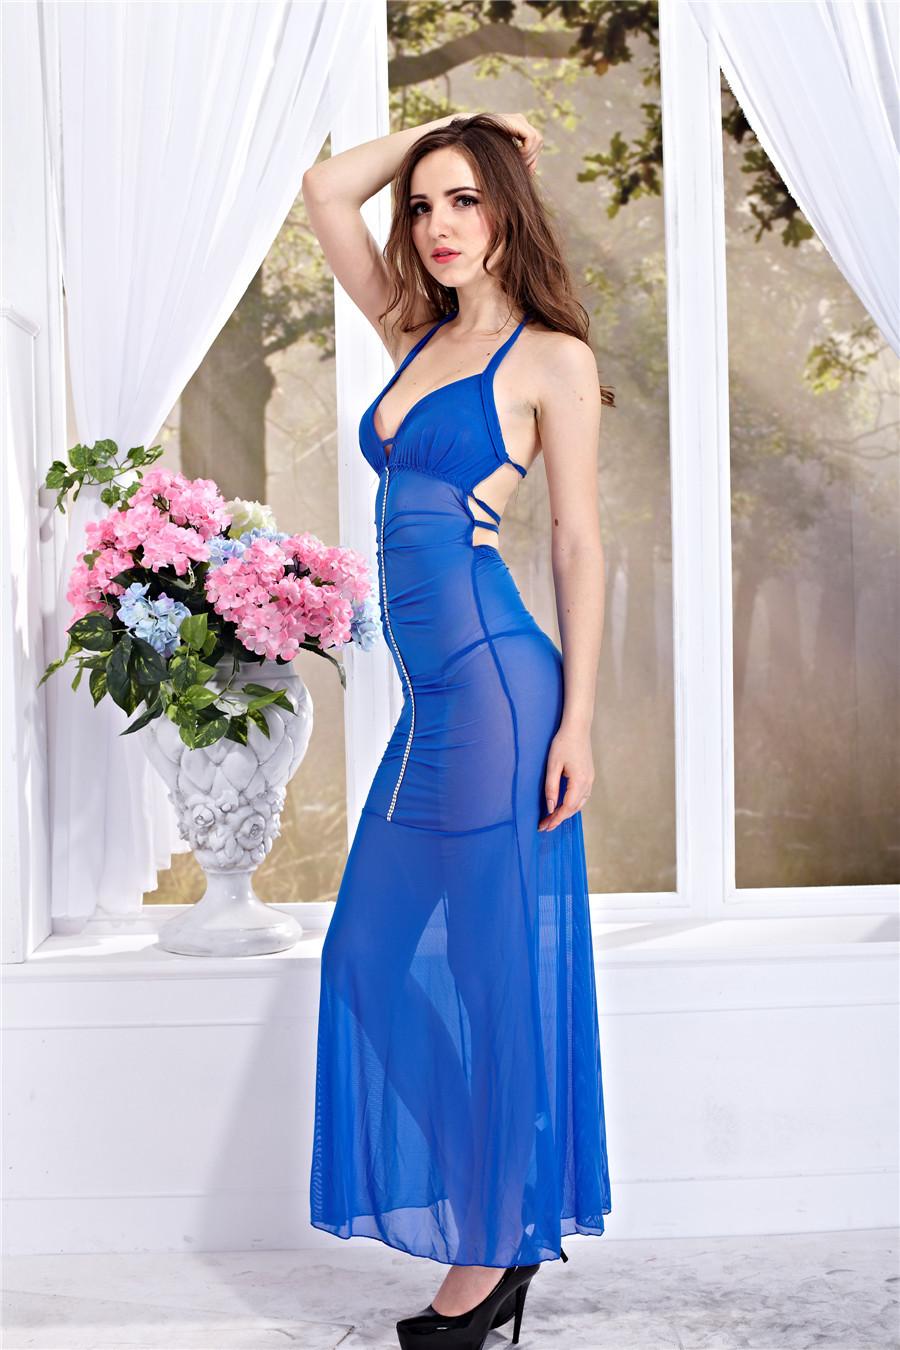 섹시한 성인 드레스 잠옷에 대한 최소한의 섹시한 사진 란제리 스트랩 드레스 없음